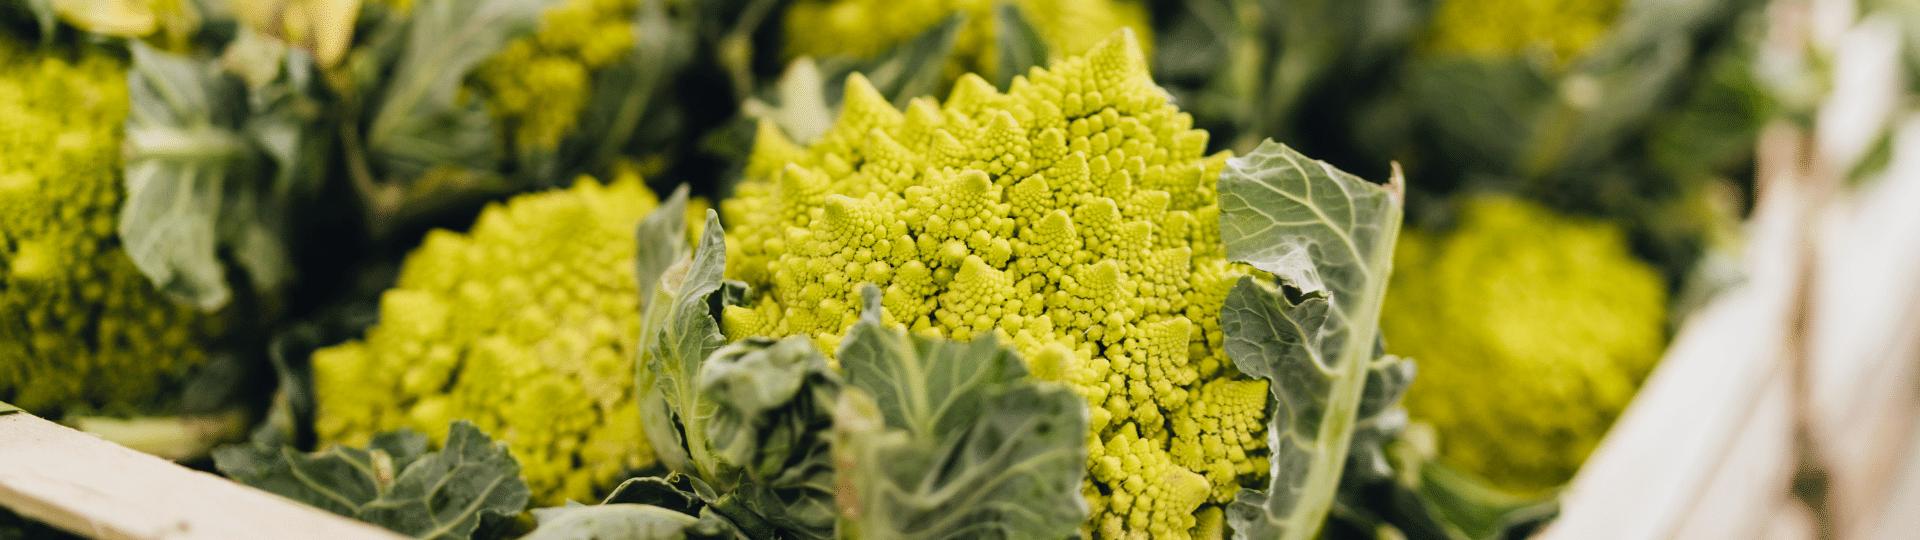 Wat is bio? Biologische producten bij BE O Markt